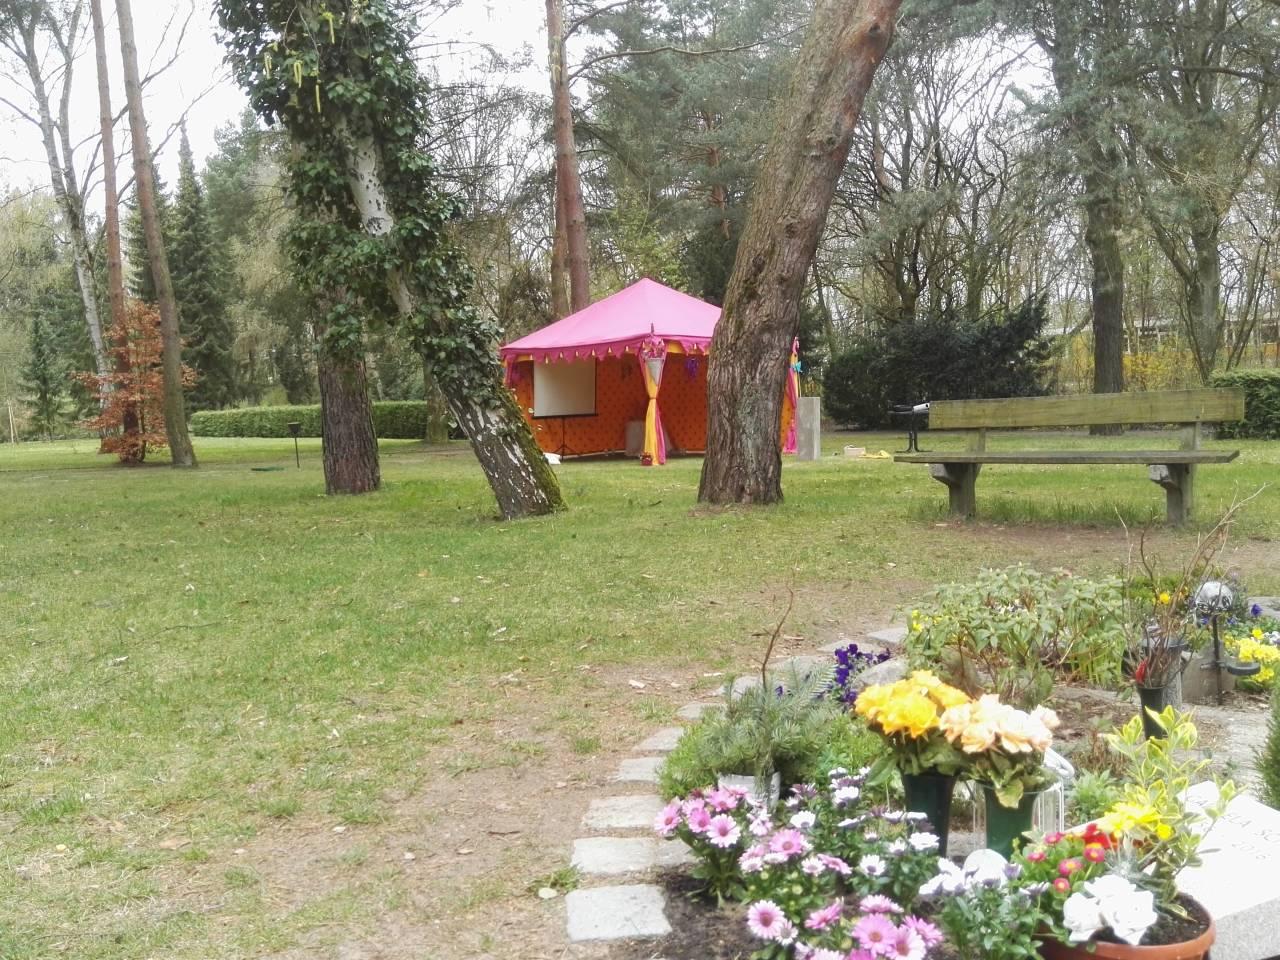 Berlin Bestattung Orientalische Zelte Friedhof Trauerfeier